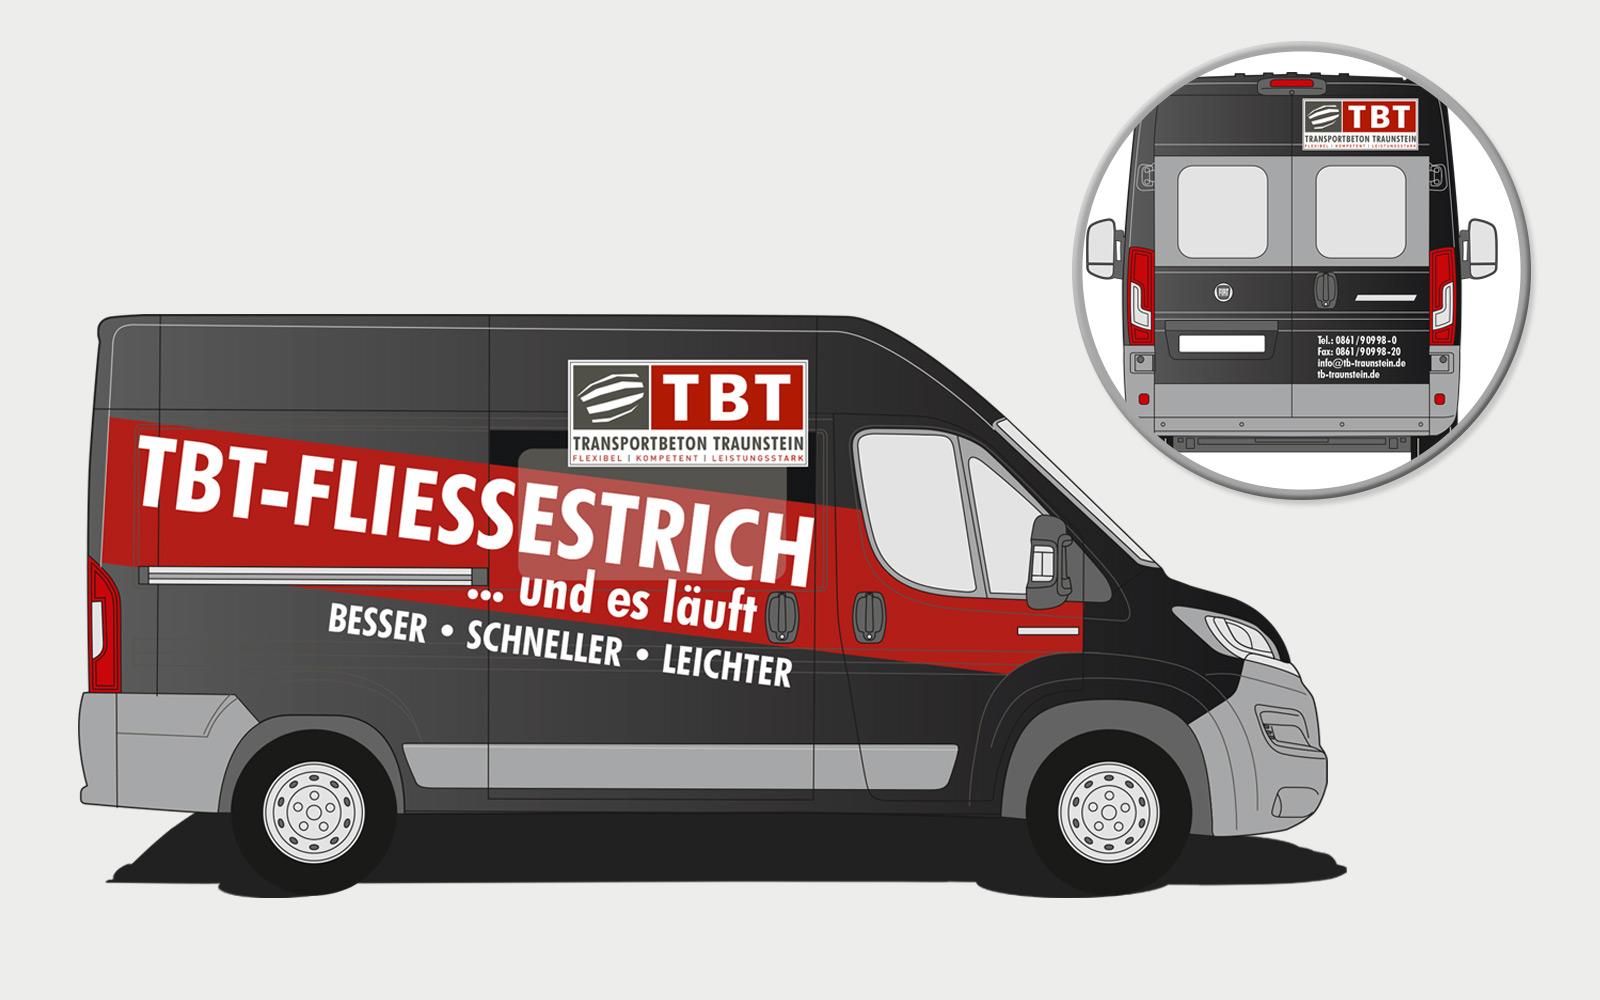 Transportbeton Traunstein Fahrzeugbeschriftung